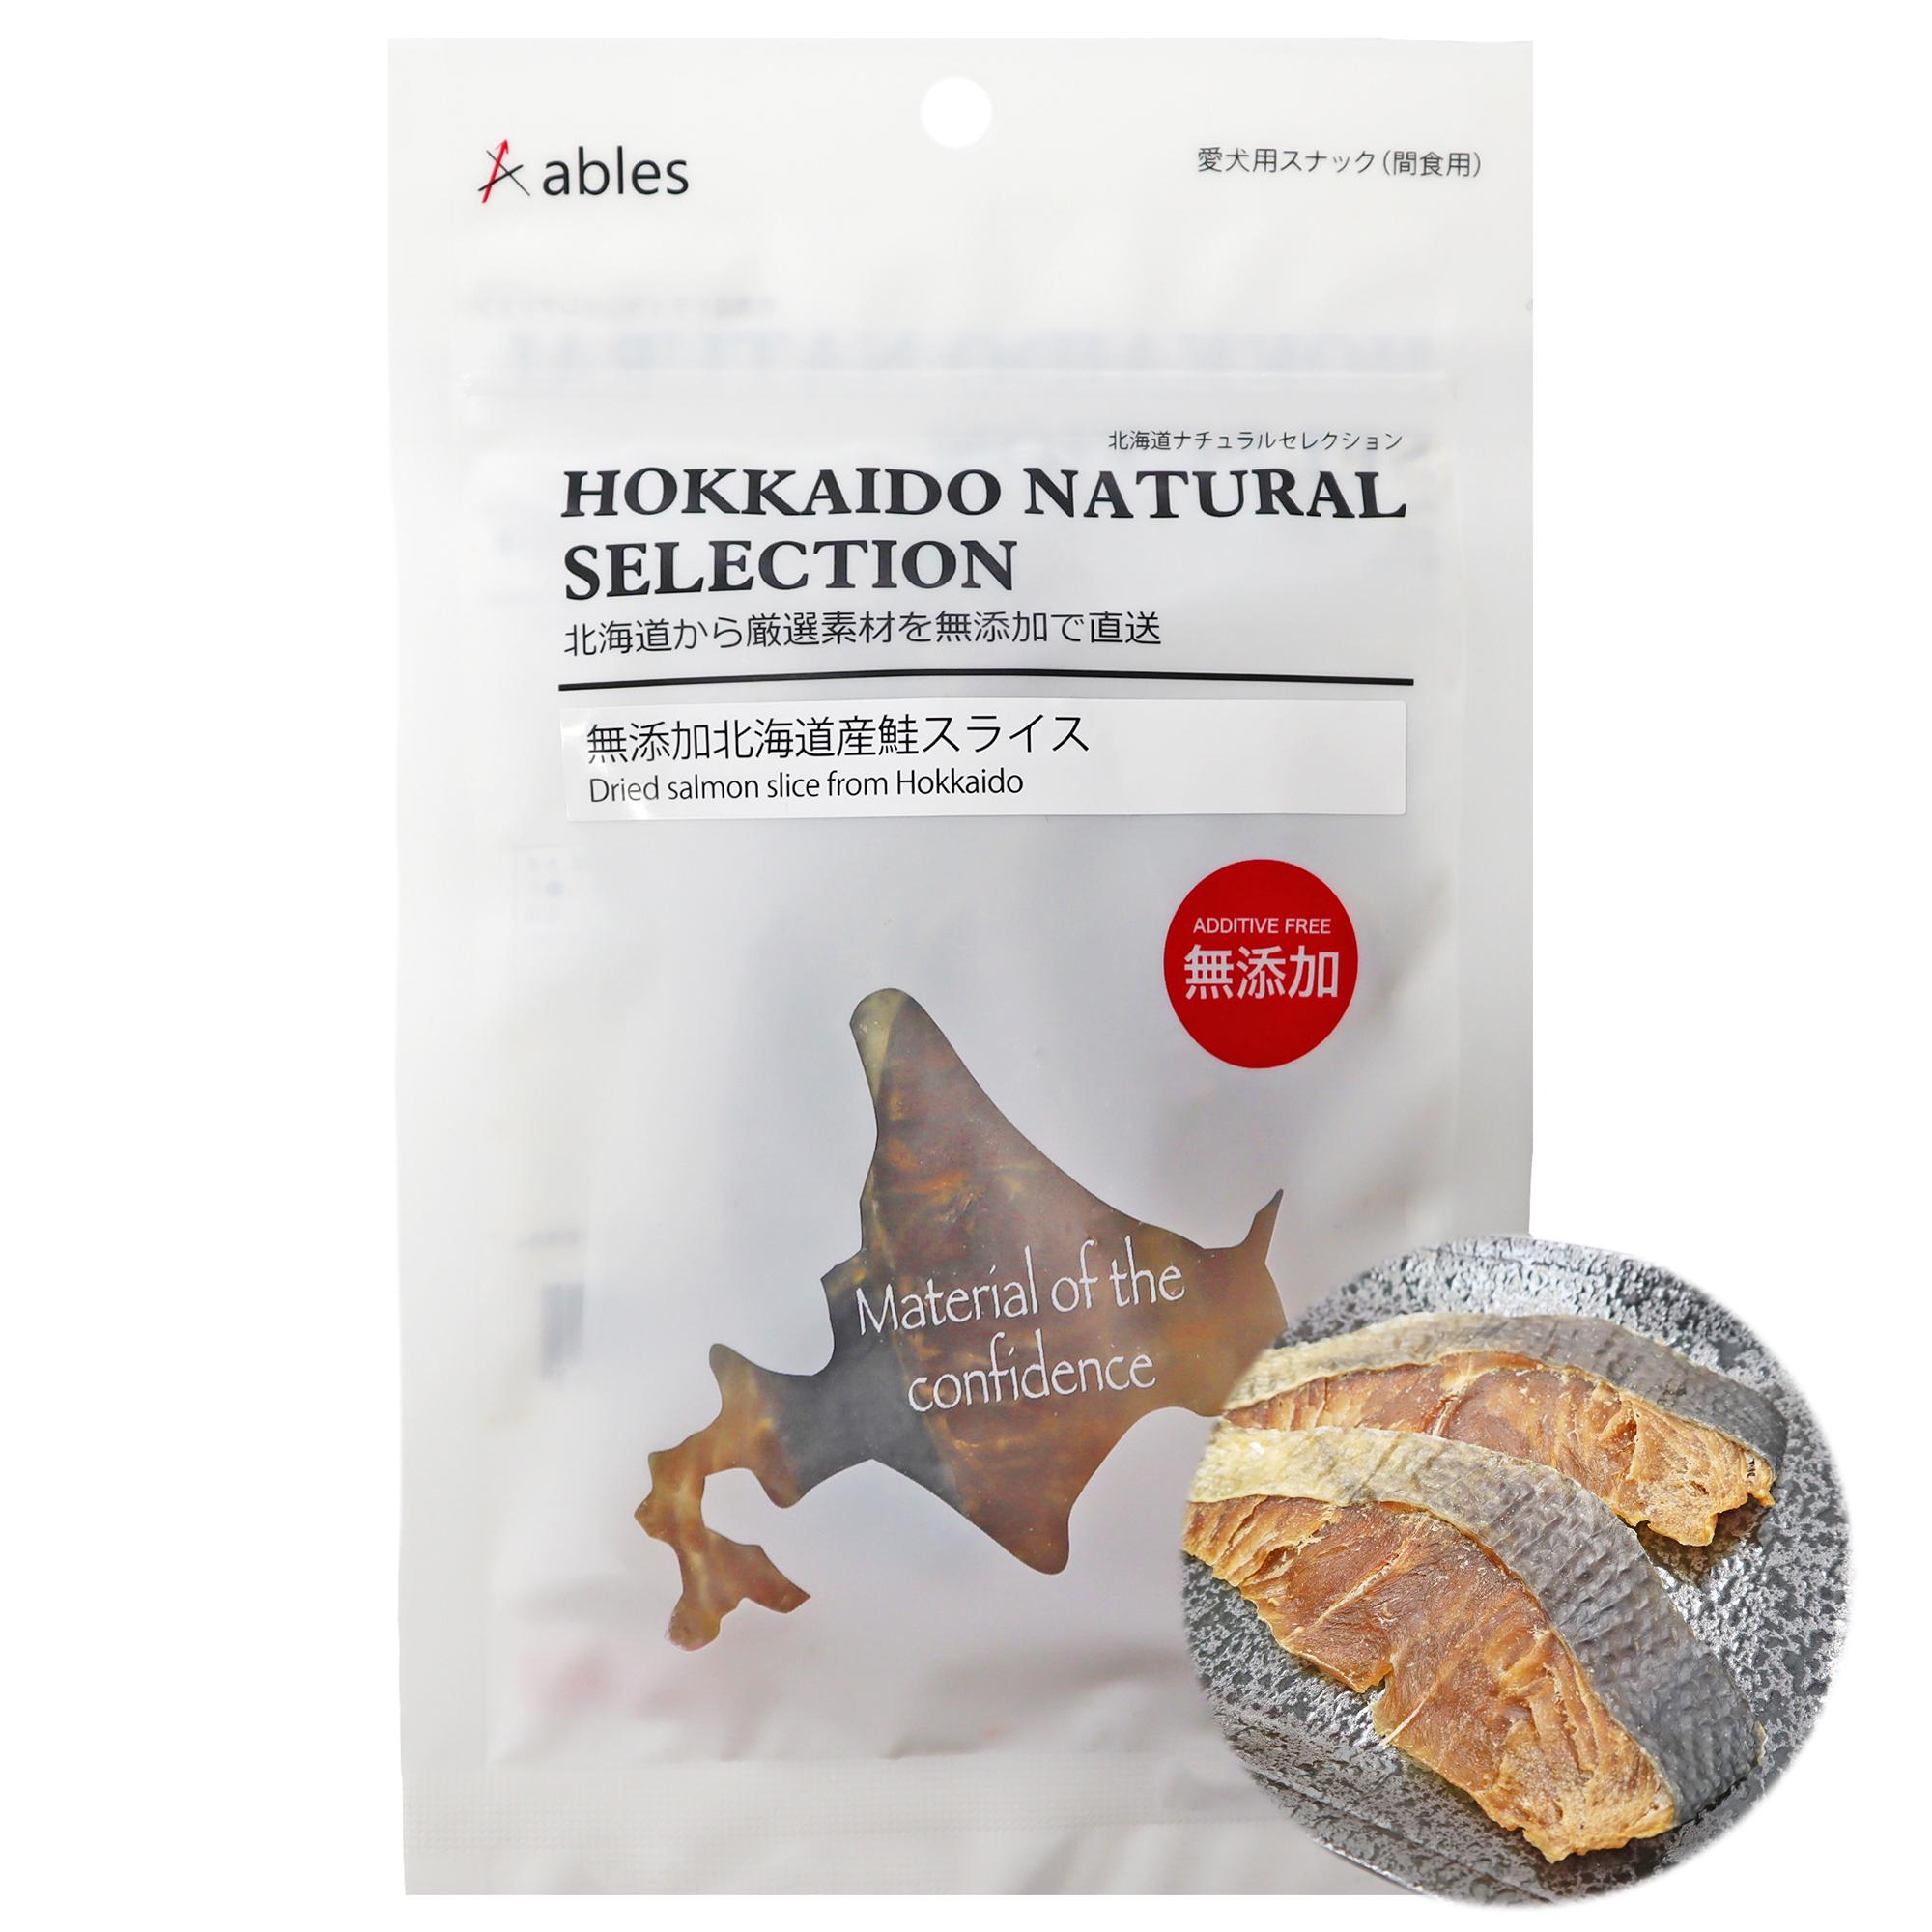 HOKKAIDO NATURAL SELECTION 無添加北海道産鮭スライス 25g